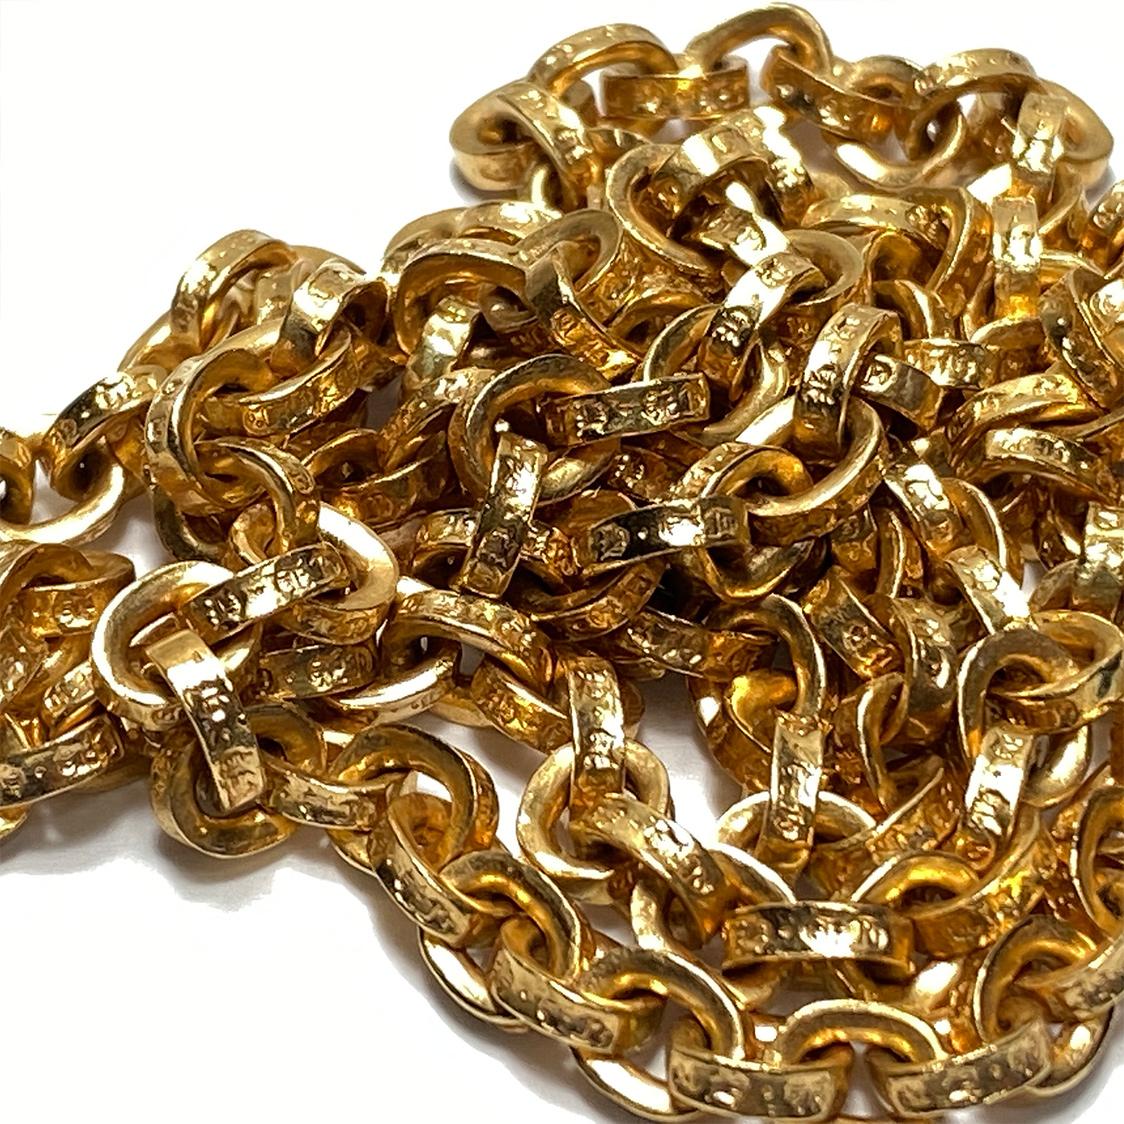 クロムハーツ CHROME HEARTS 22K ペーパーチェーン ネックレス 24インチ ネックレス ゴールド 約62cm